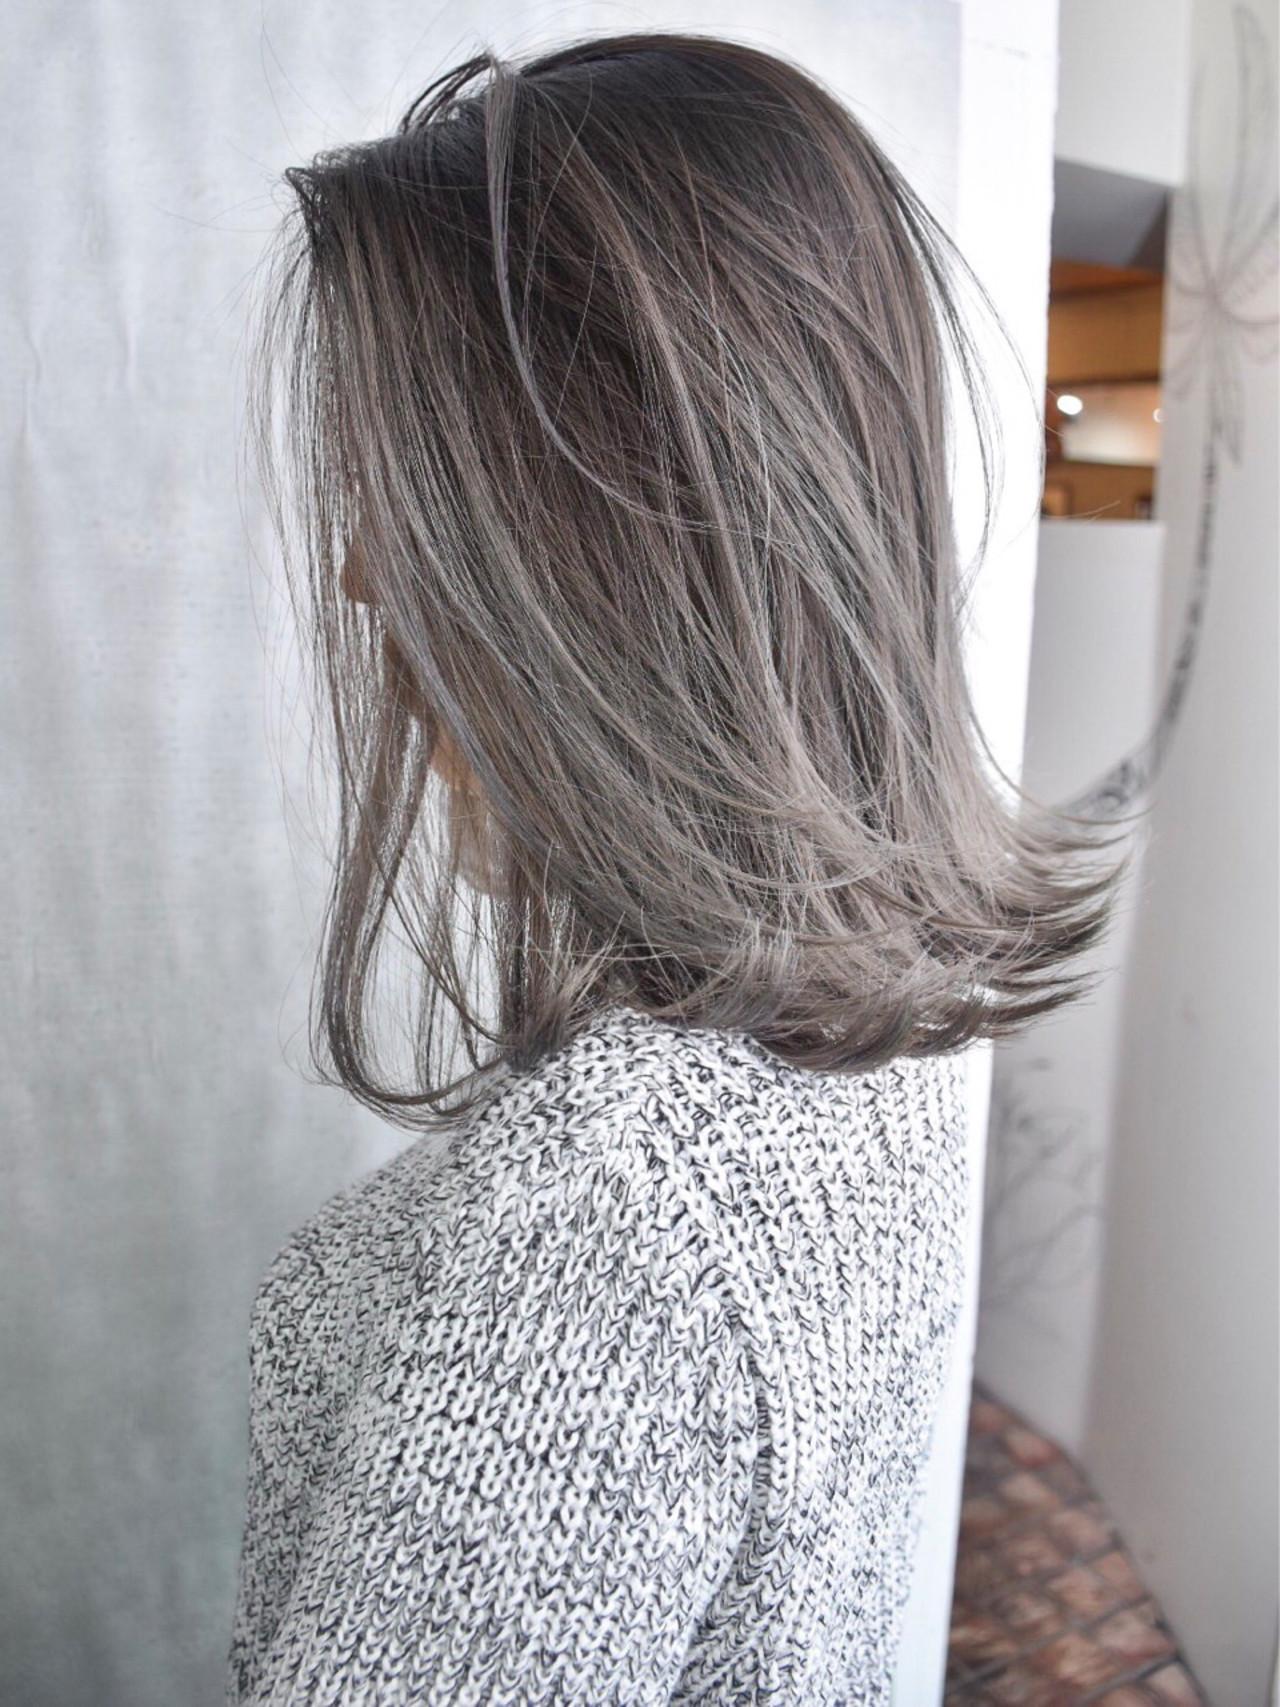 ミディアム 外国人風 外国人風カラー バレイヤージュ ヘアスタイルや髪型の写真・画像